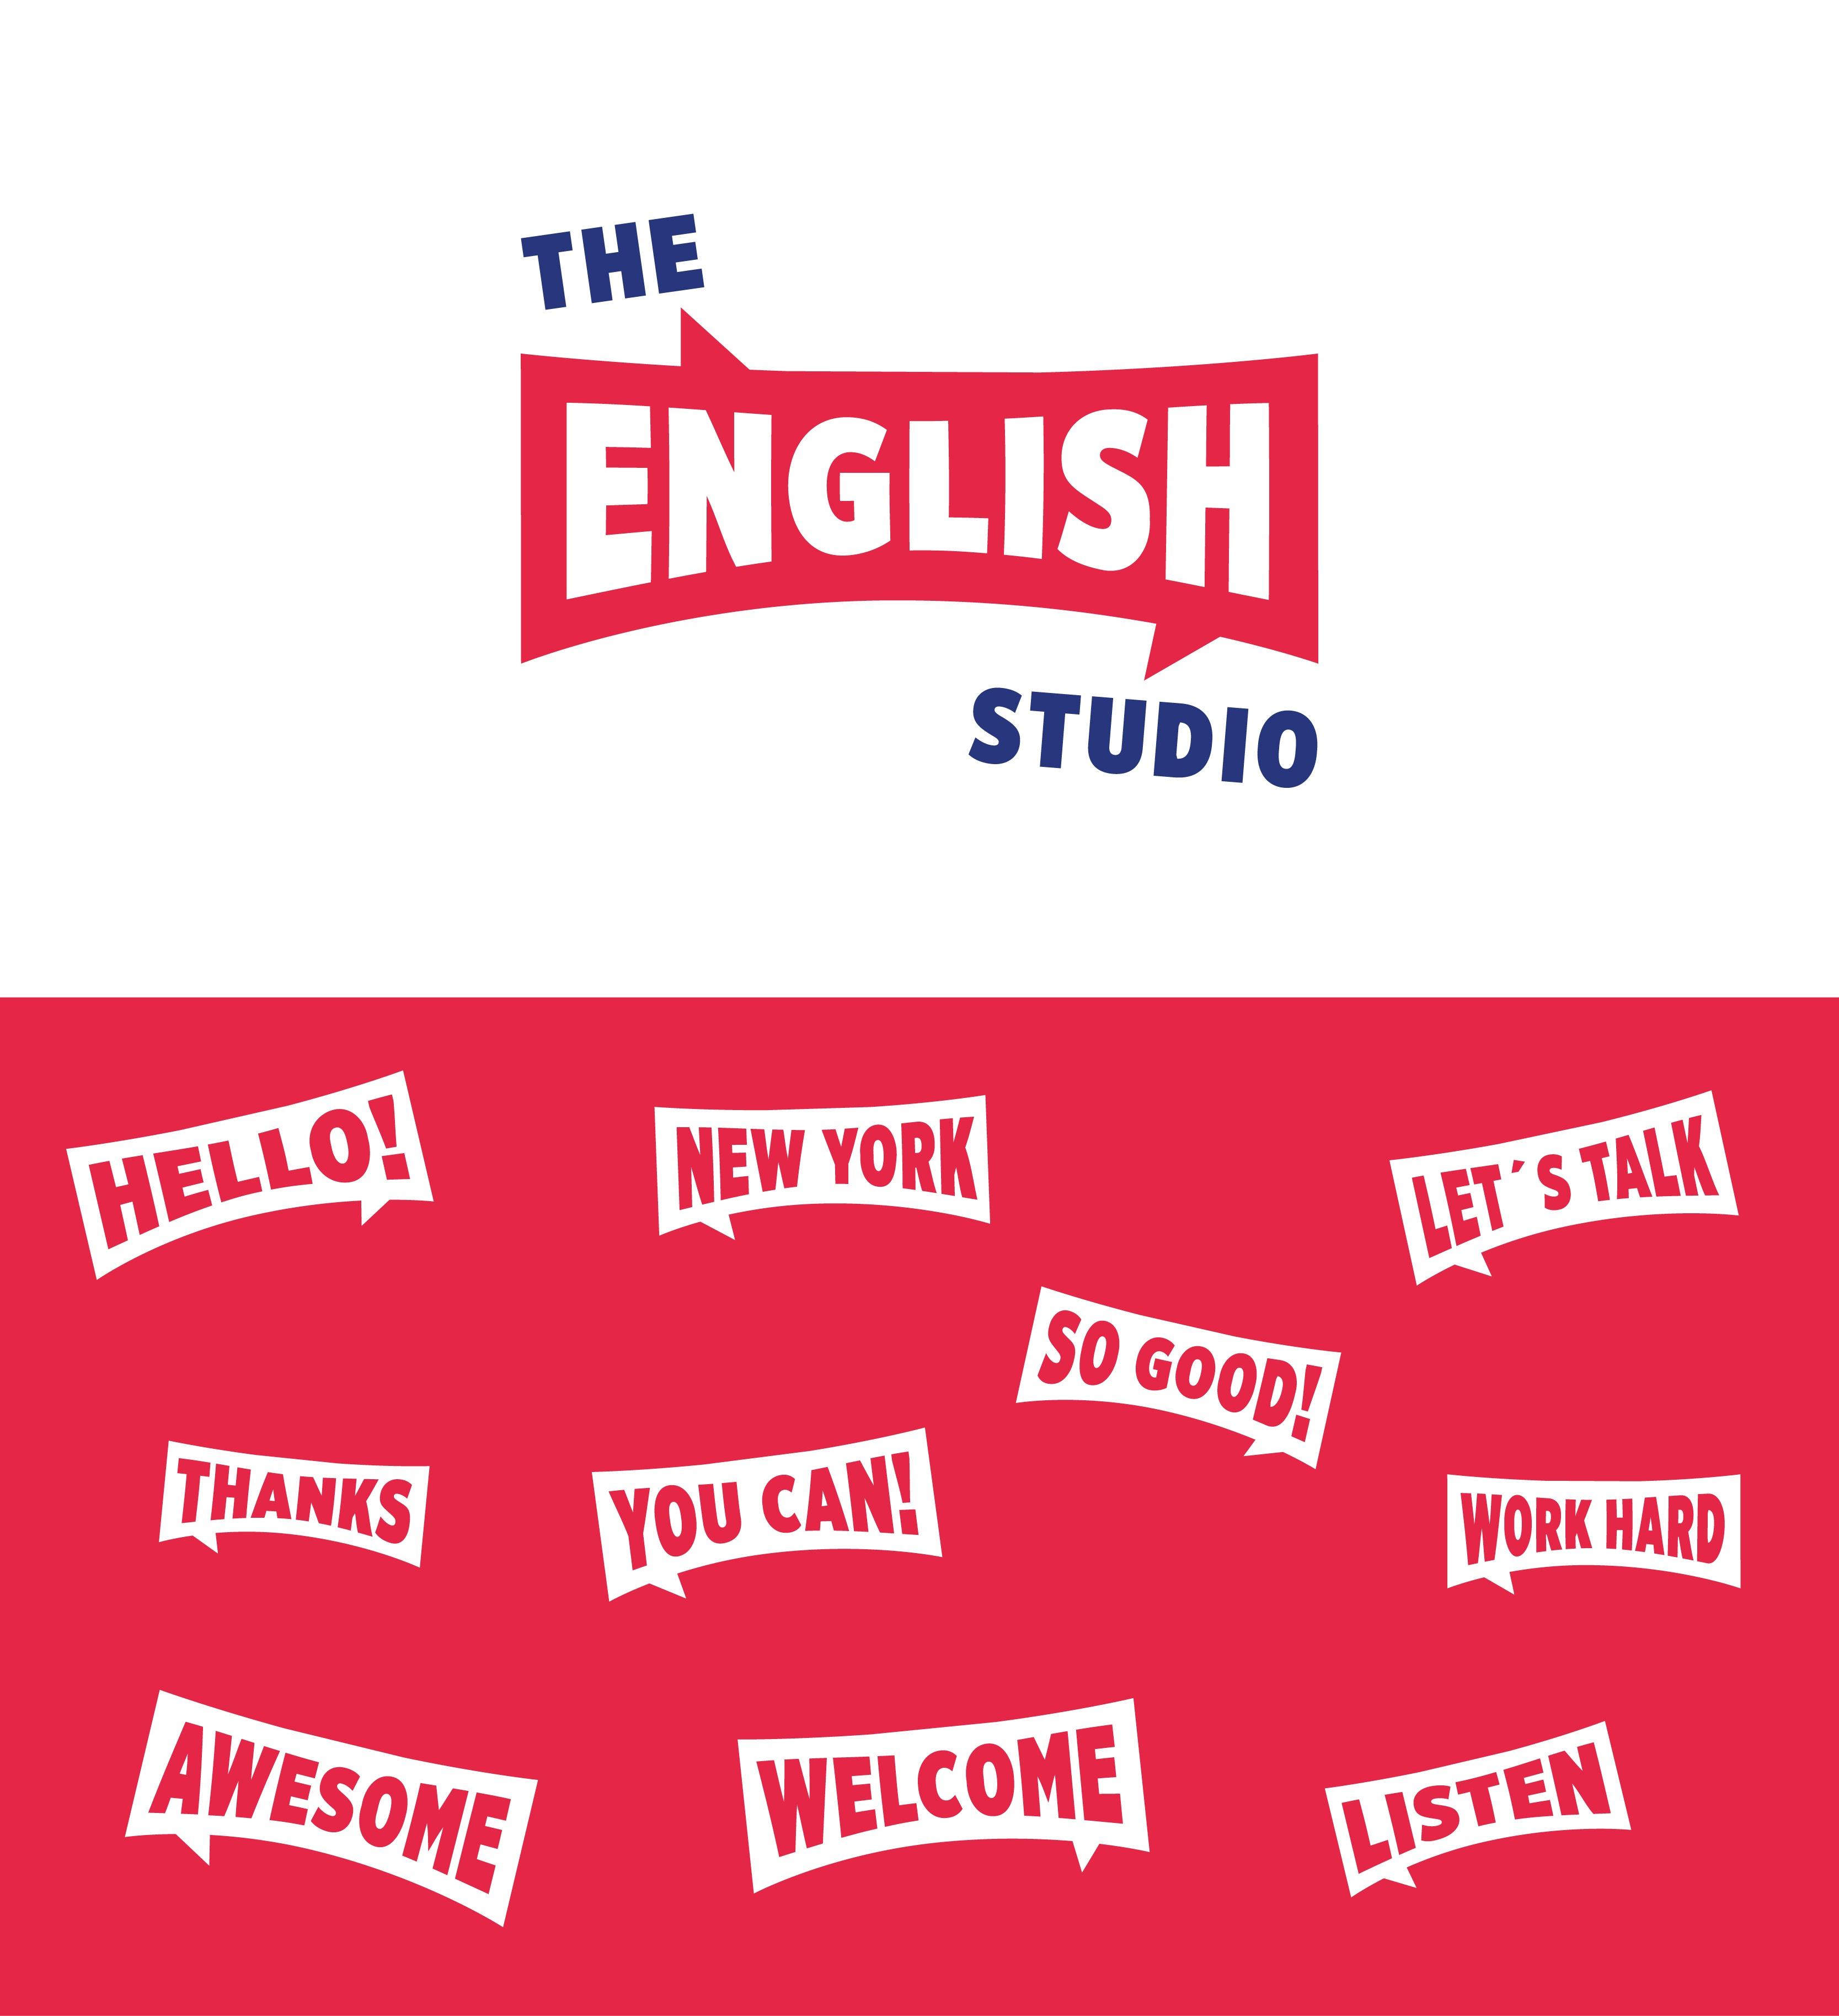 The English Studio, Identidad corporativa, ilustración mural, diseño de ilustracones corporativas, Identidad Corporativa, logo, Branding, imagen visual, escuela de idiomas